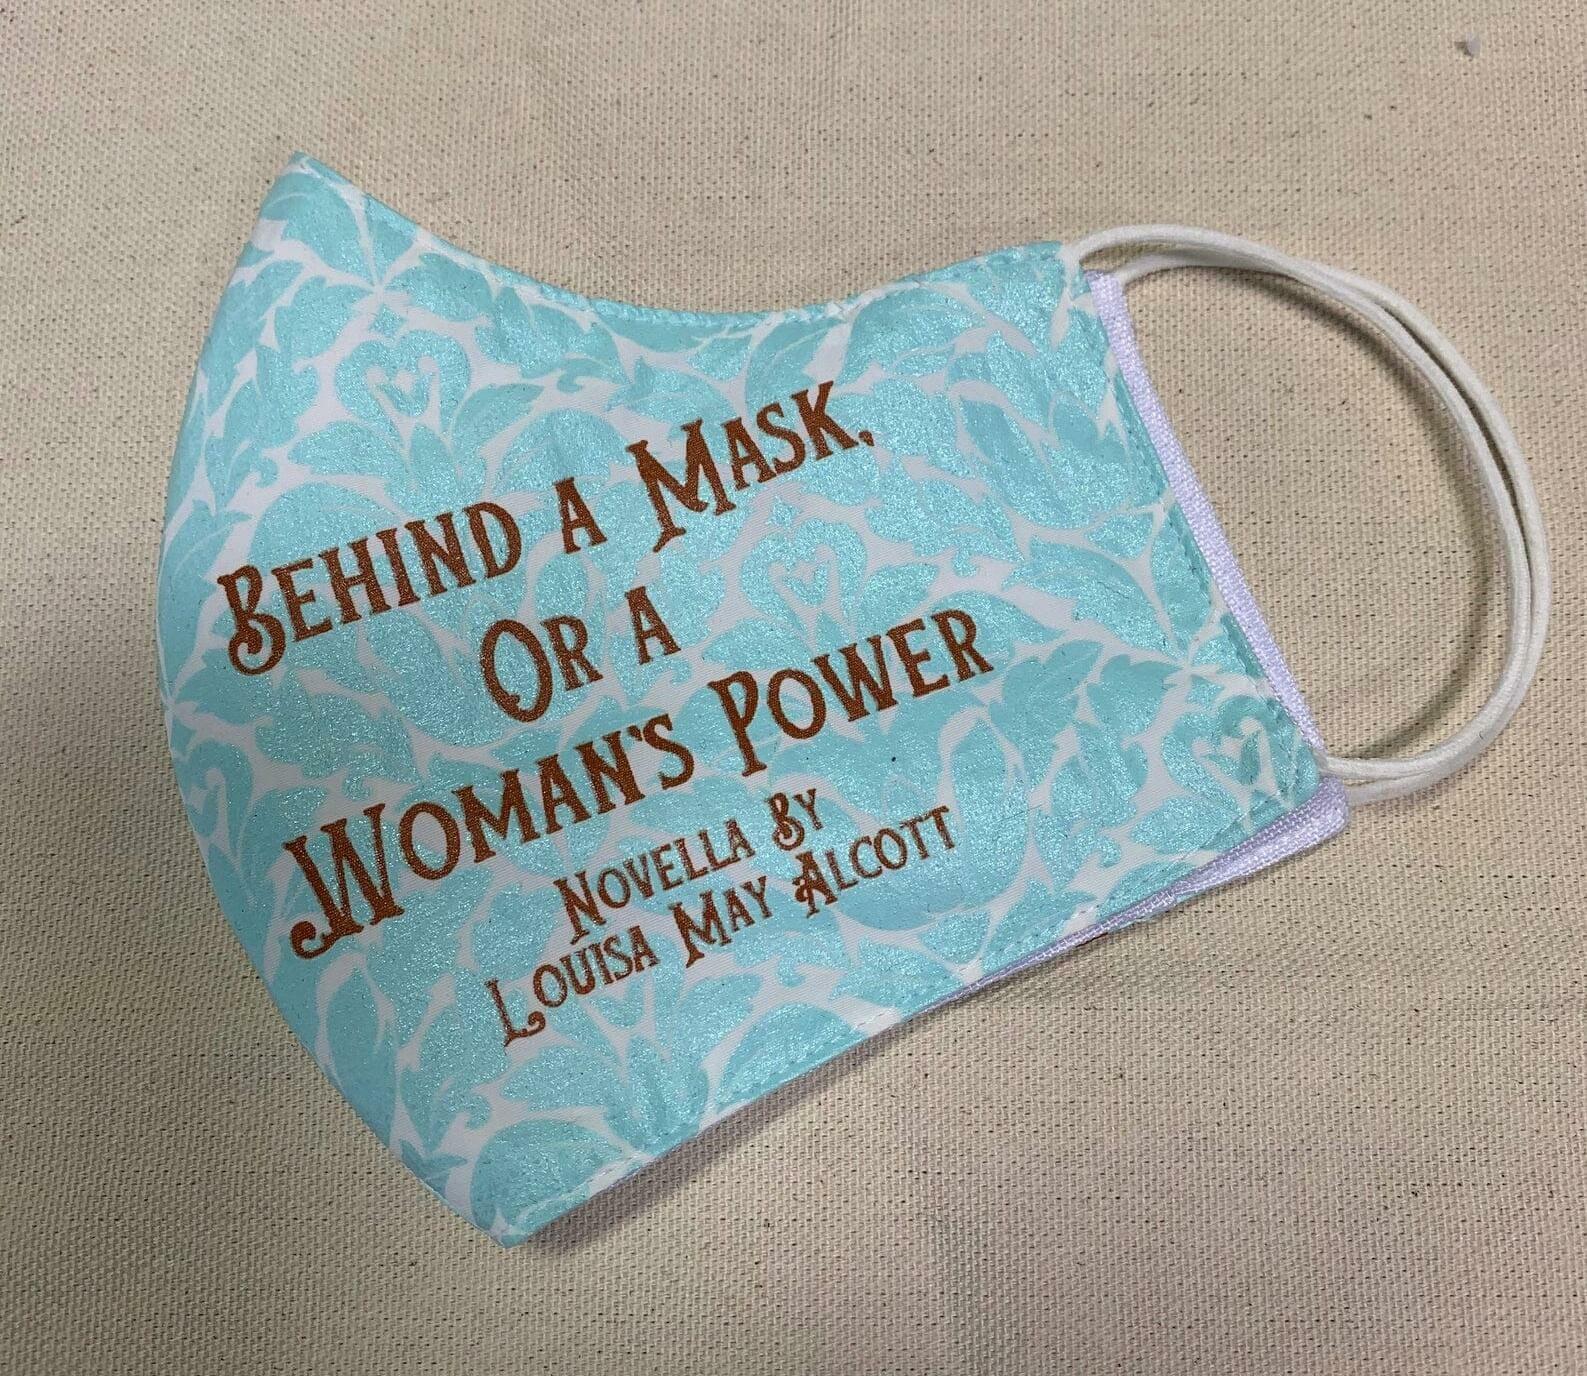 mascherina in tessuto louisa may alcott